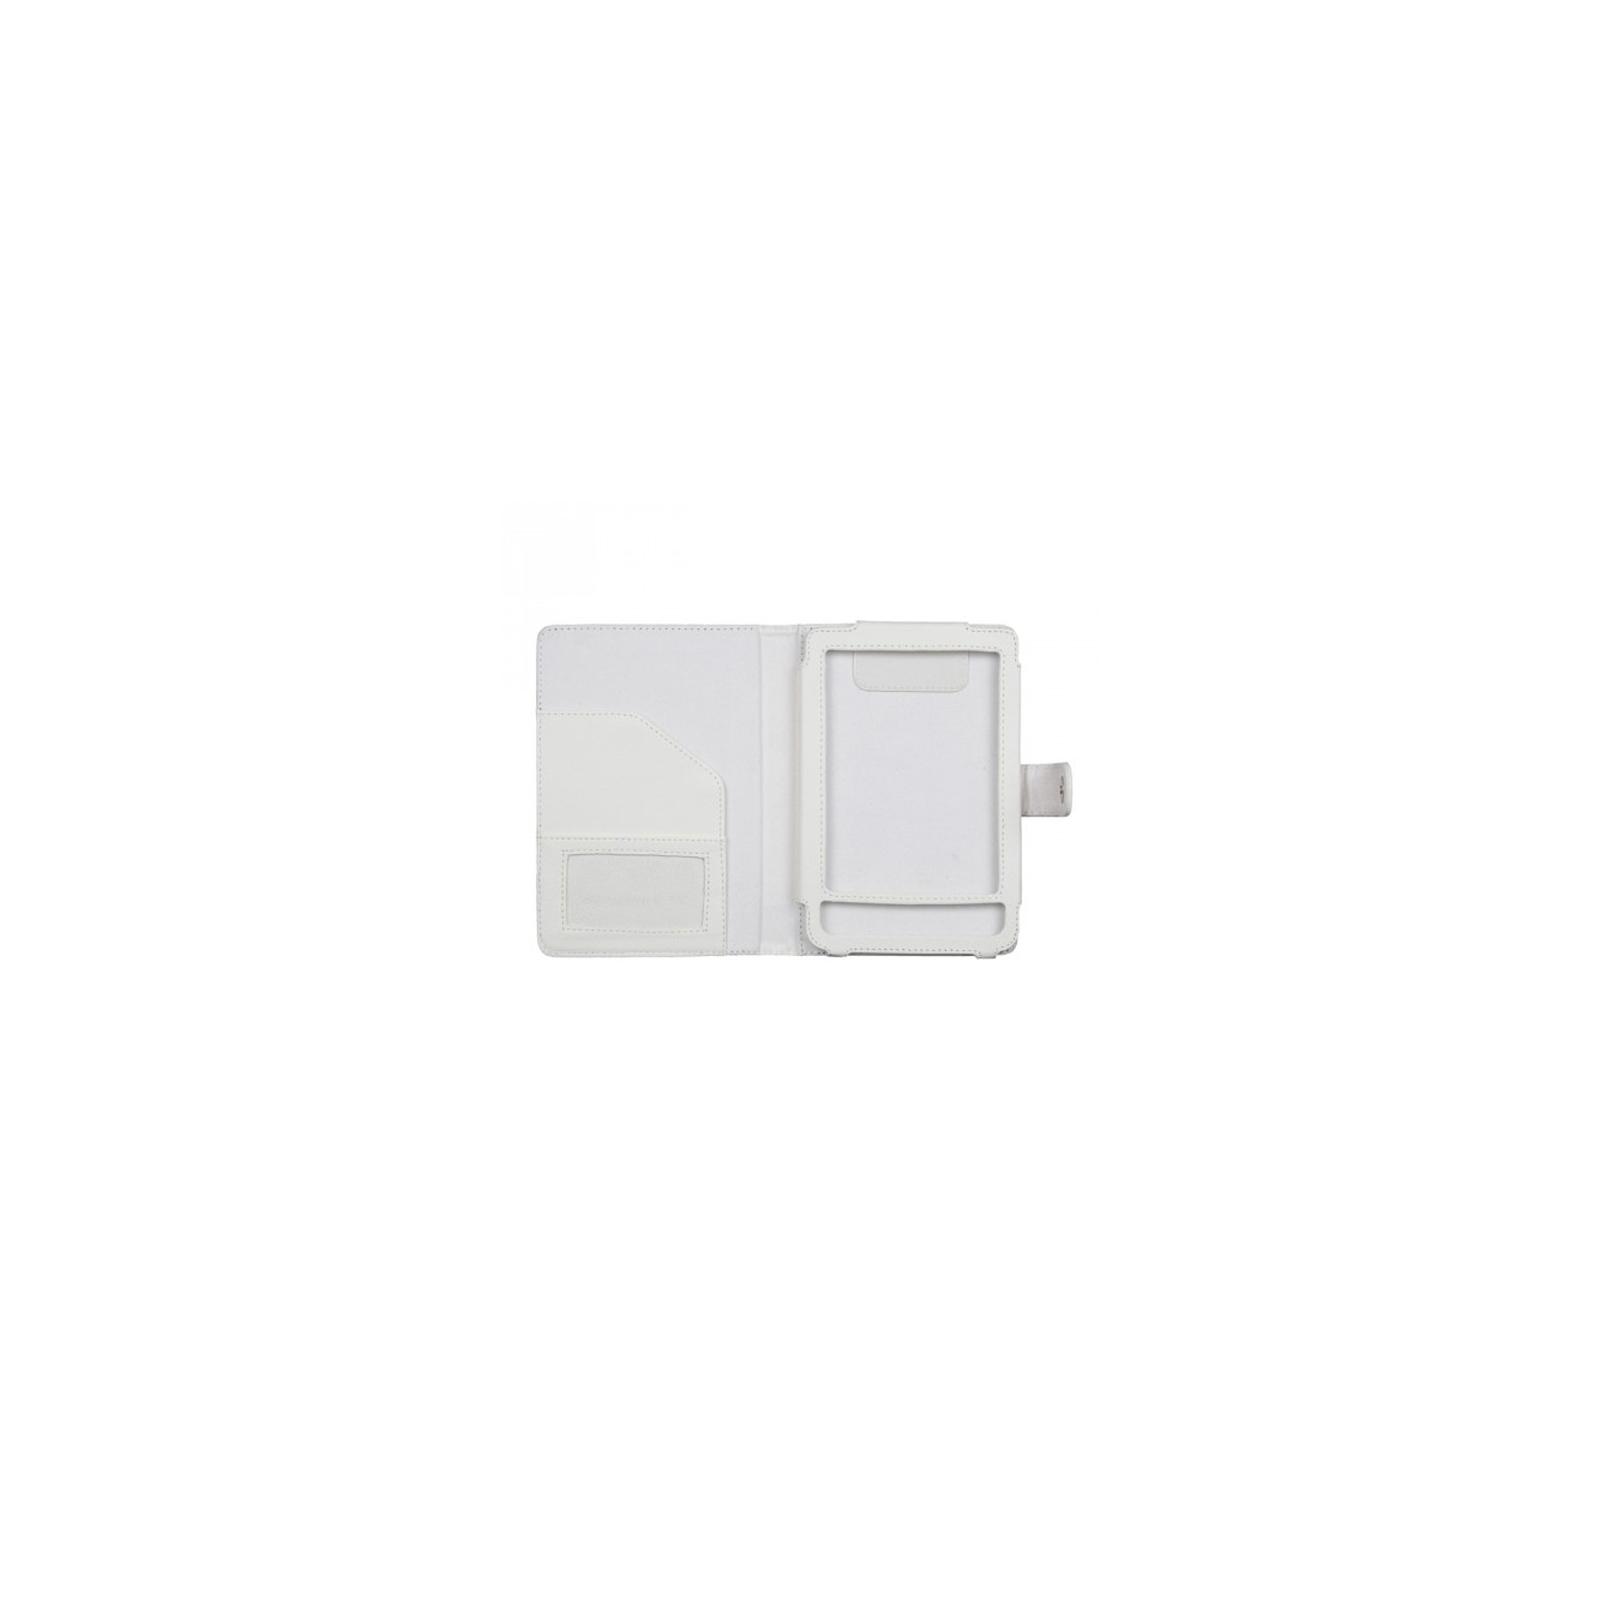 Чехол для электронной книги AirOn для PocketBook 622/623 Touch (white) (6946795860013) изображение 3